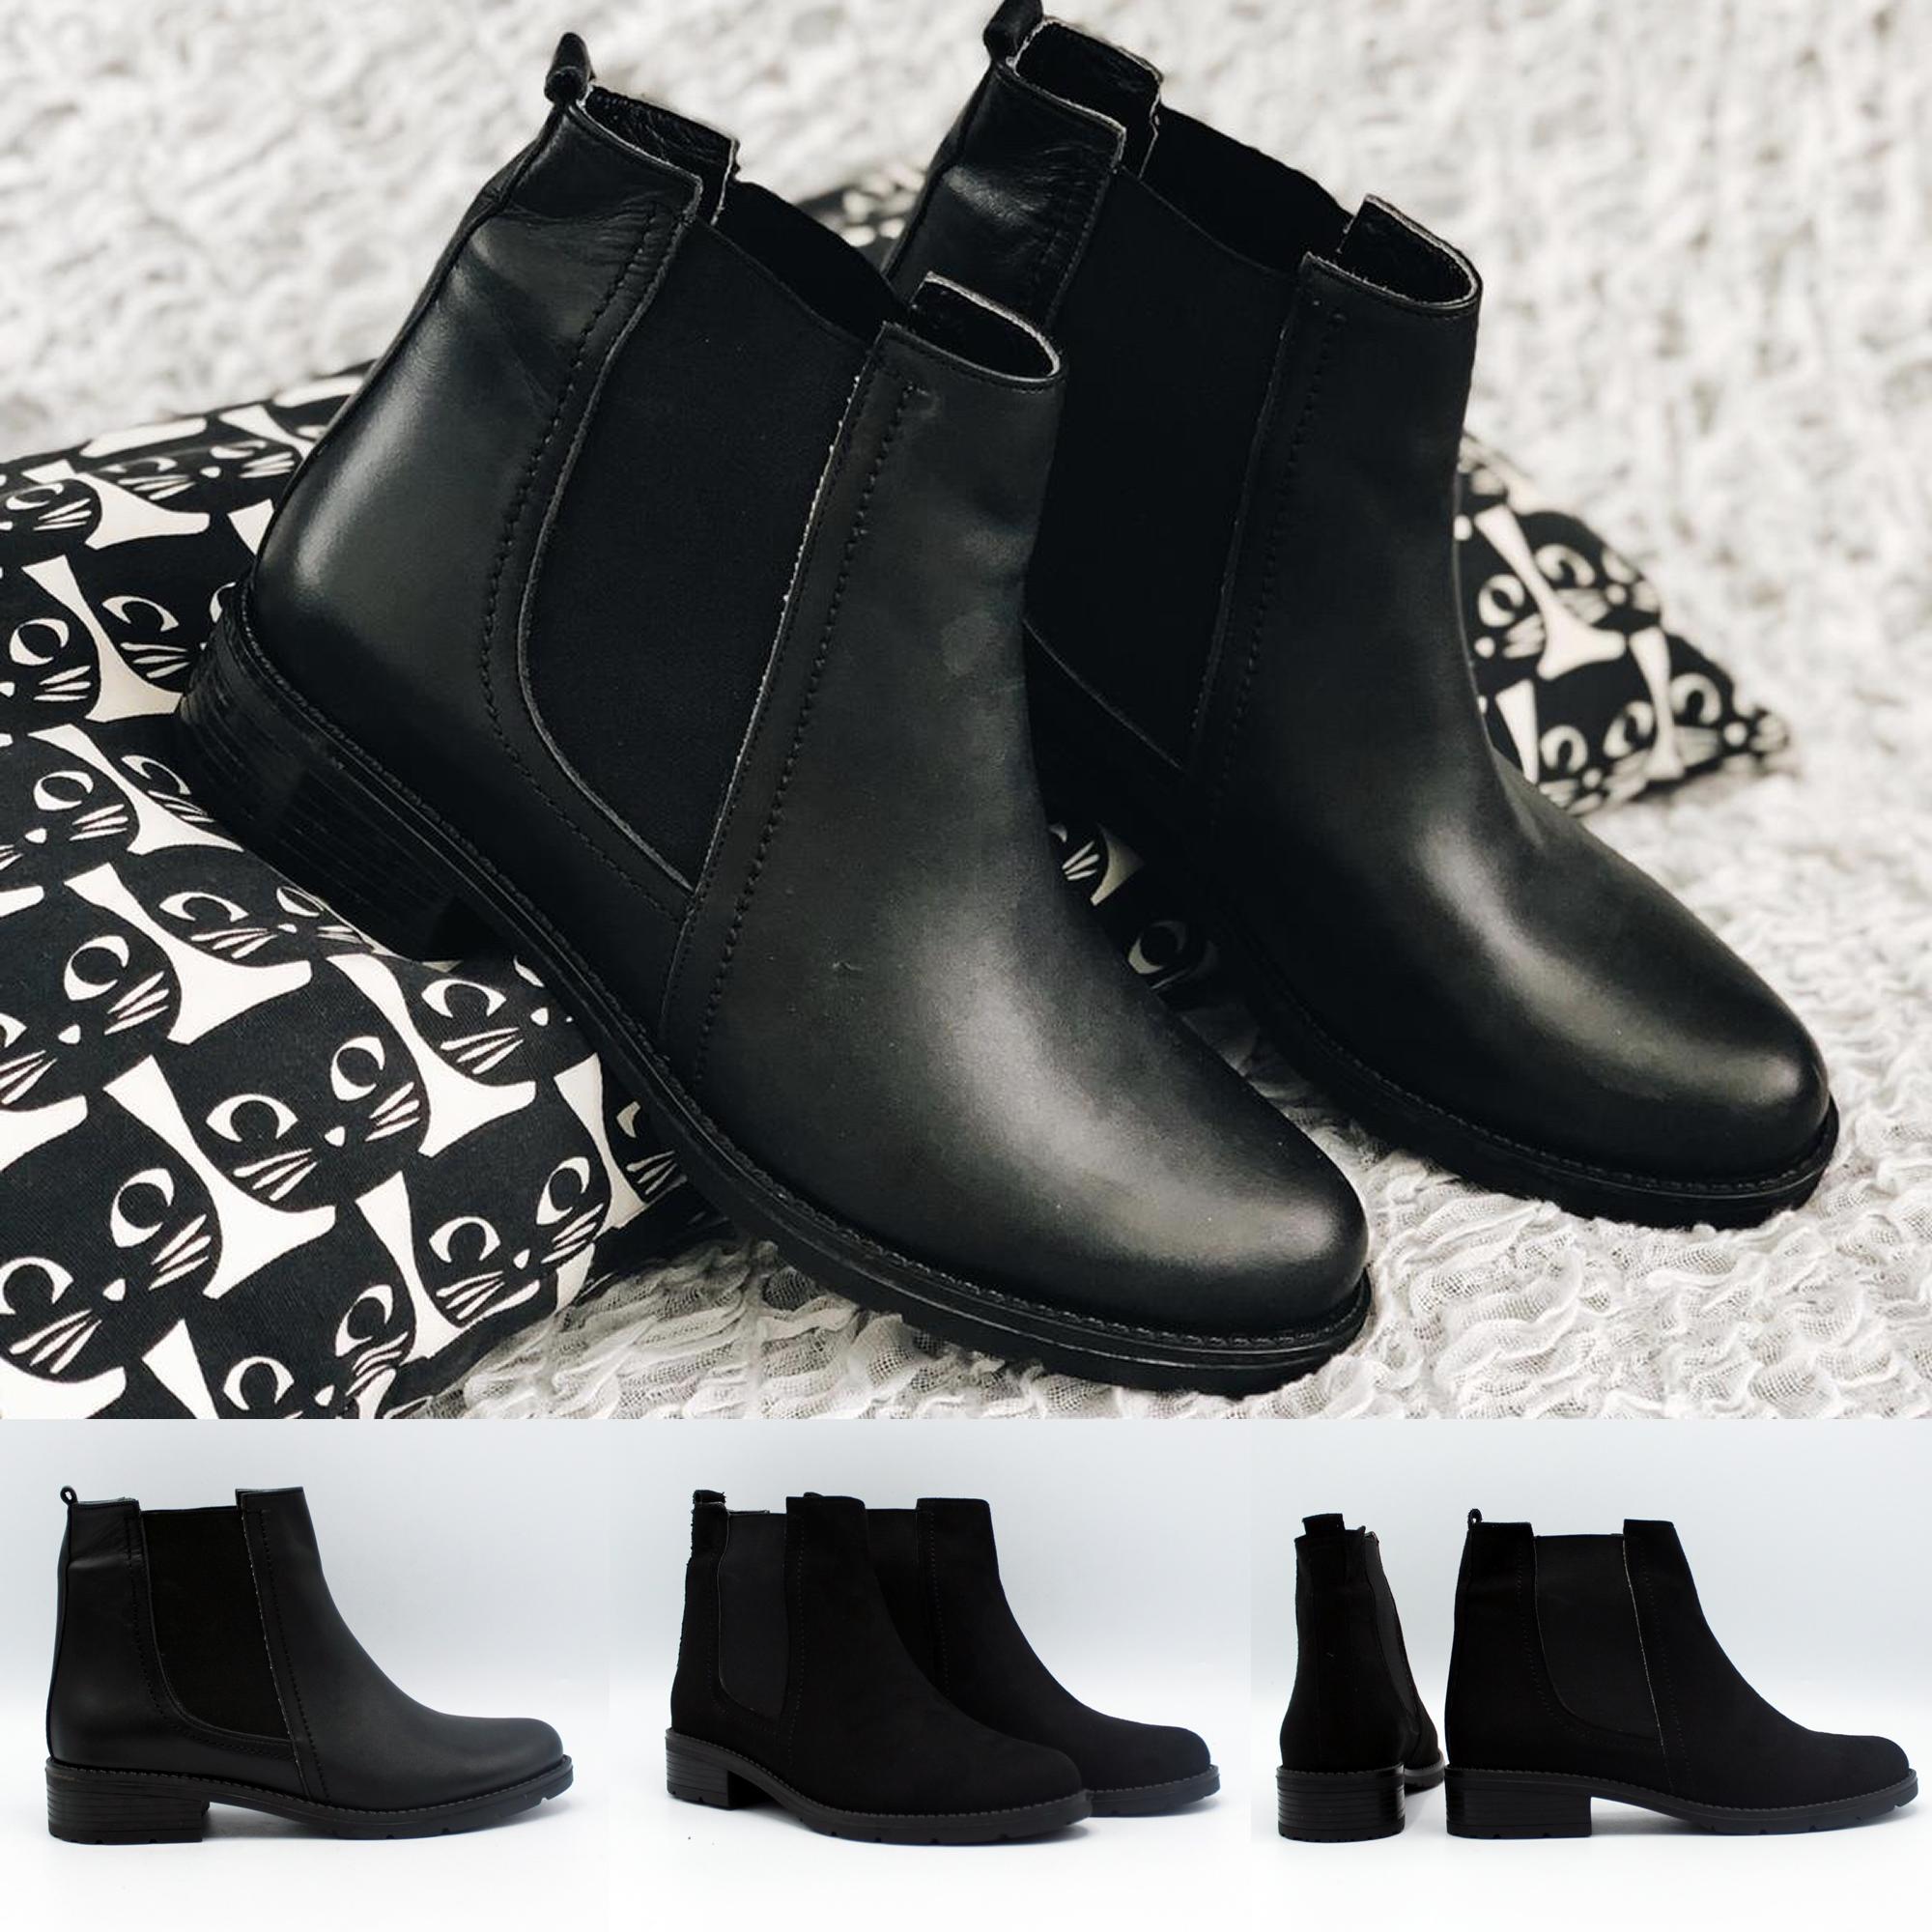 Low Heel Women Stylish Boots Trend Footwear